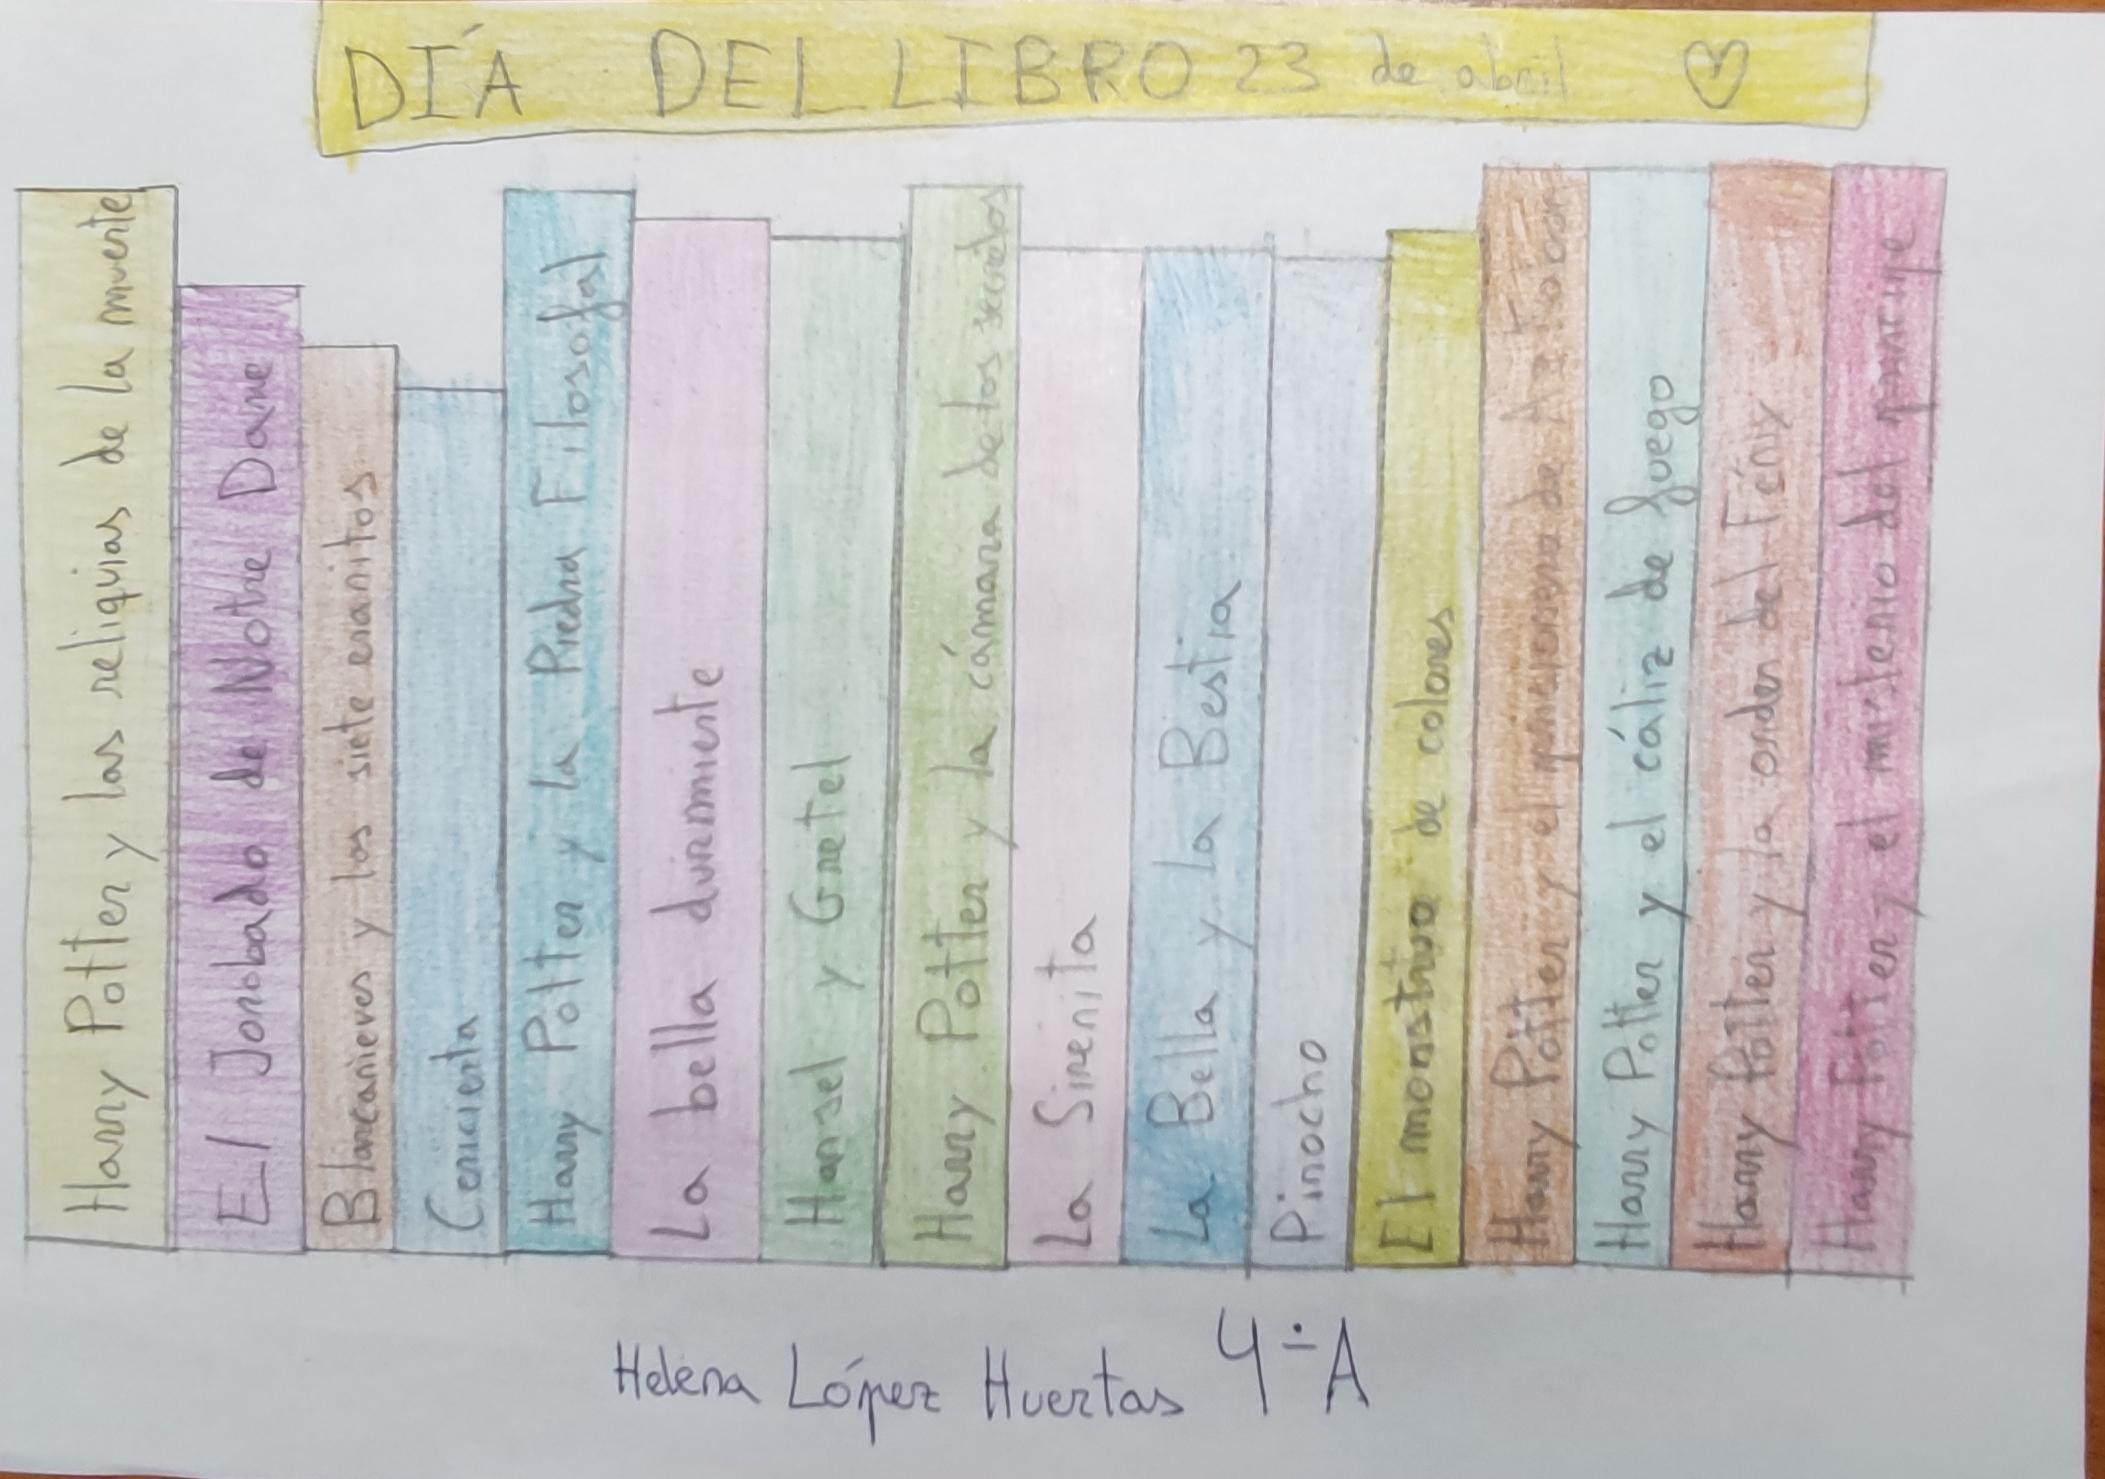 4A-Helena López